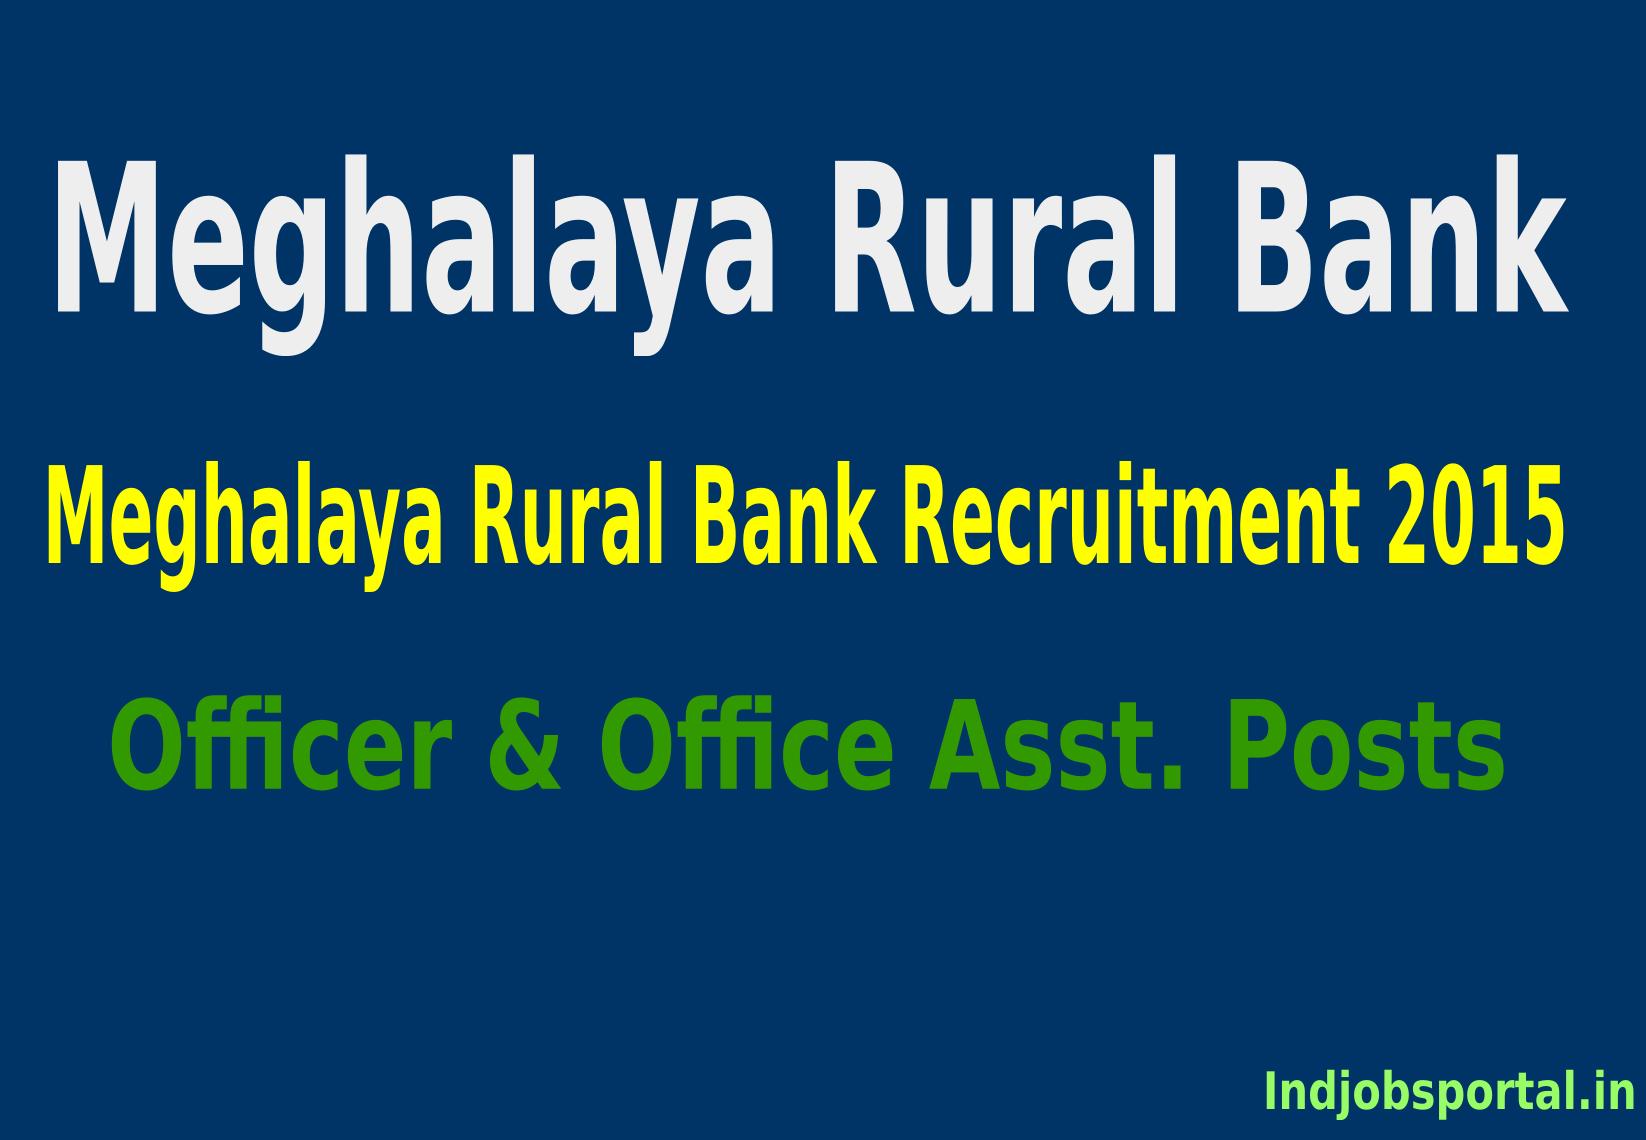 Meghalaya Rural Bank Recruitment 2015 For 65 Officer & Office Asst Posts